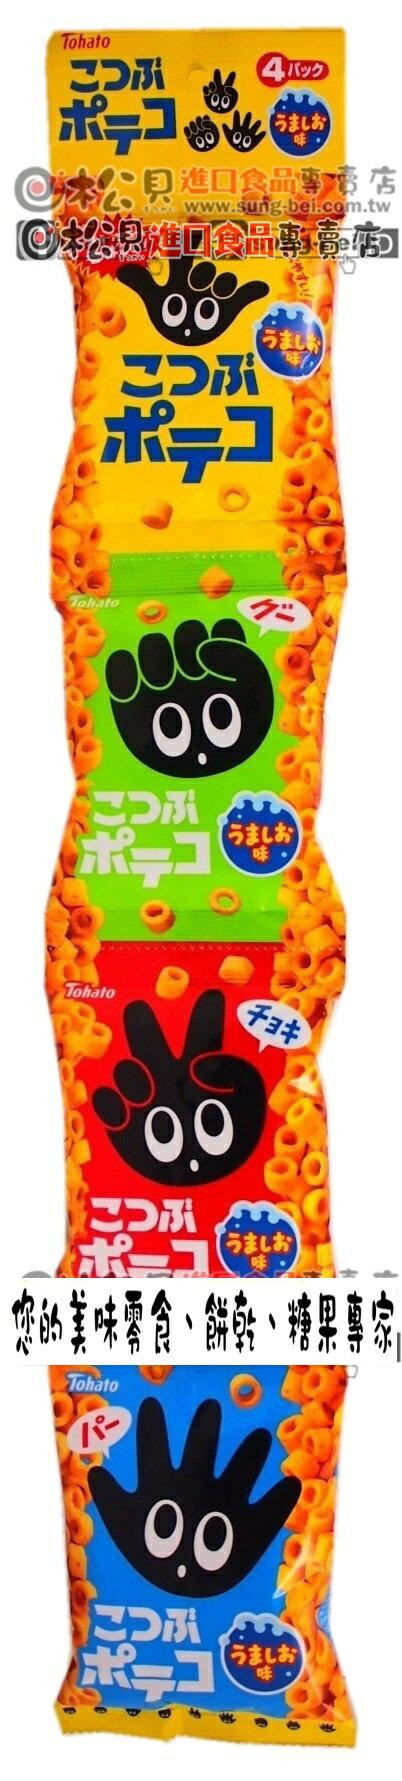 東鳩4連手指圈圈餅(鹽)64g【4901940030552】